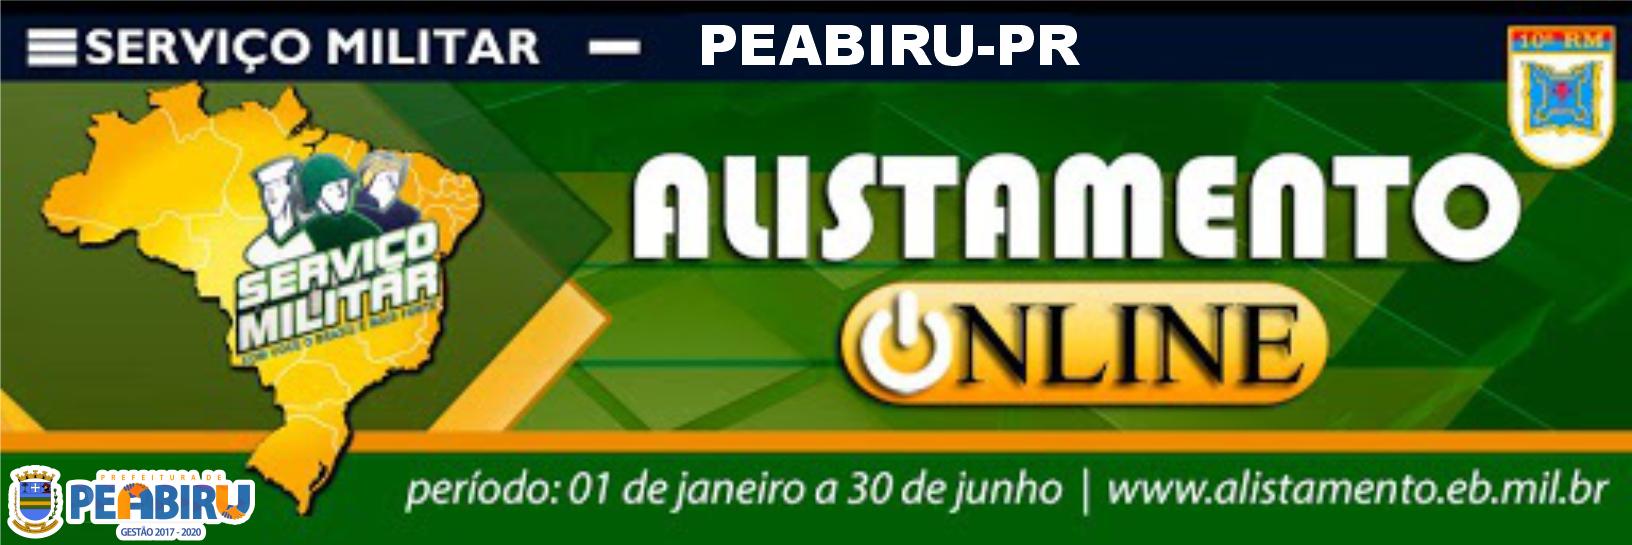 ALISTAMENTO ONLINE 2020